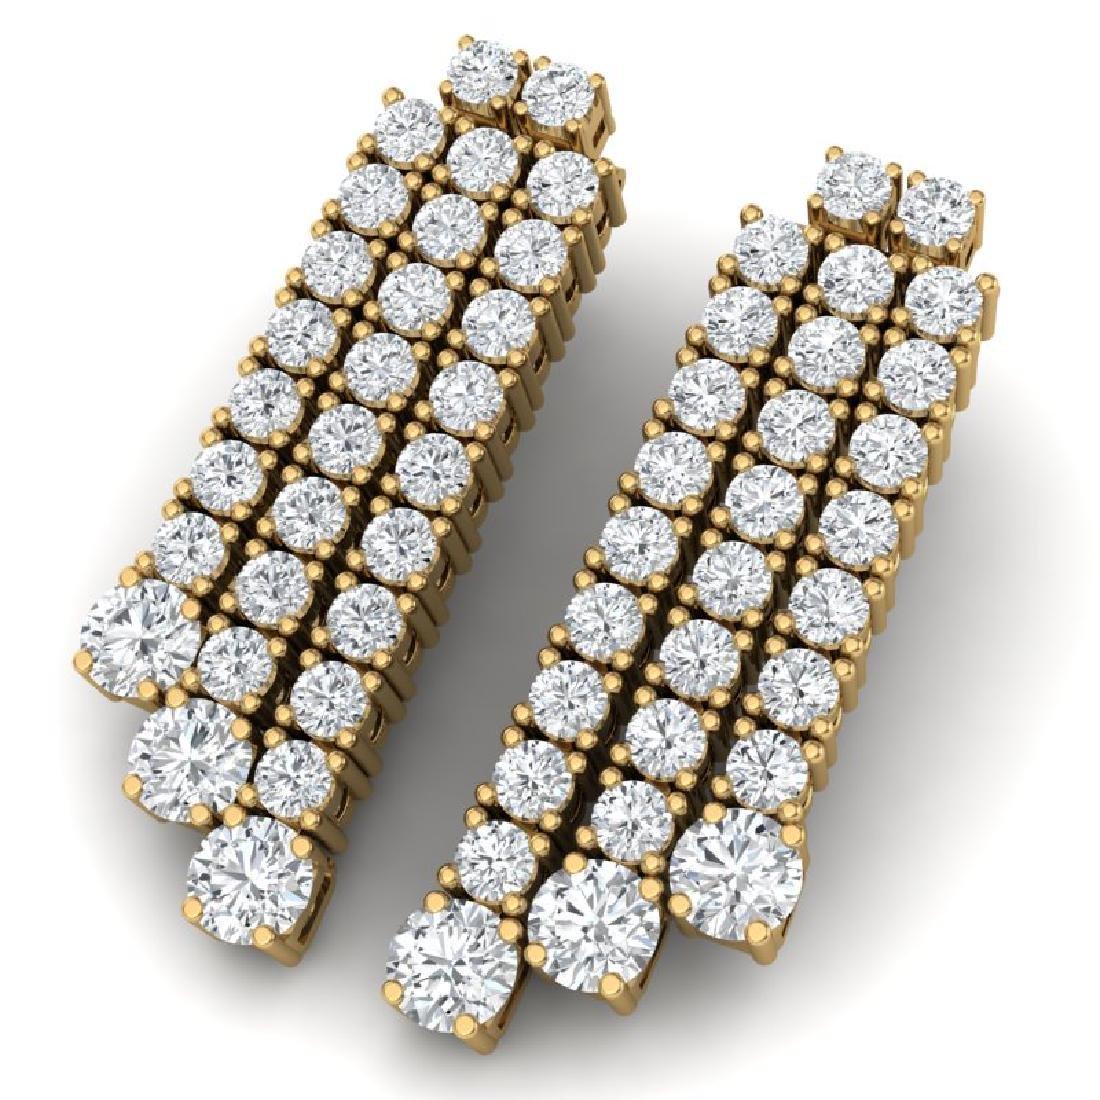 5 CTW Certified VS/SI Diamond Love Earrings 18K Yellow